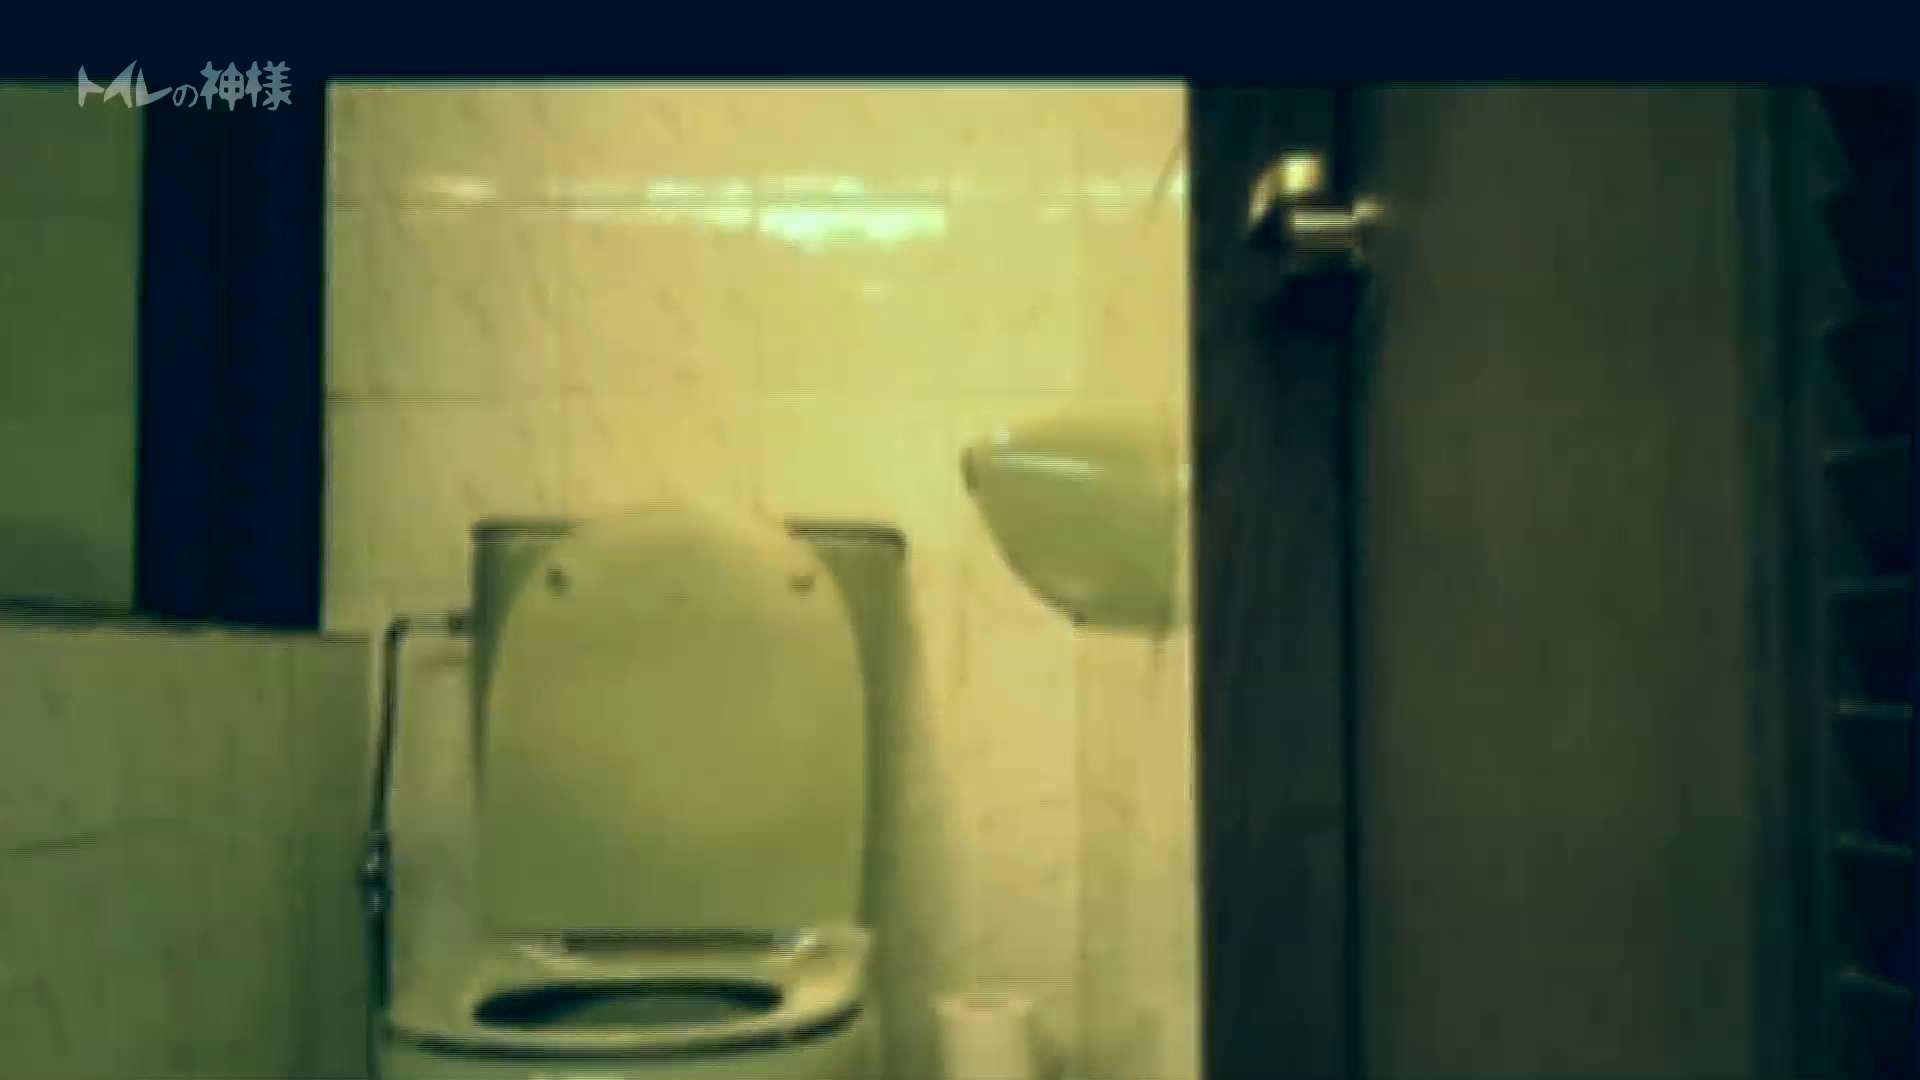 トイレの神様 Vol.01 花の女子大生うんこ盗撮1 女性トイレ オメコ無修正動画無料 96pic 60